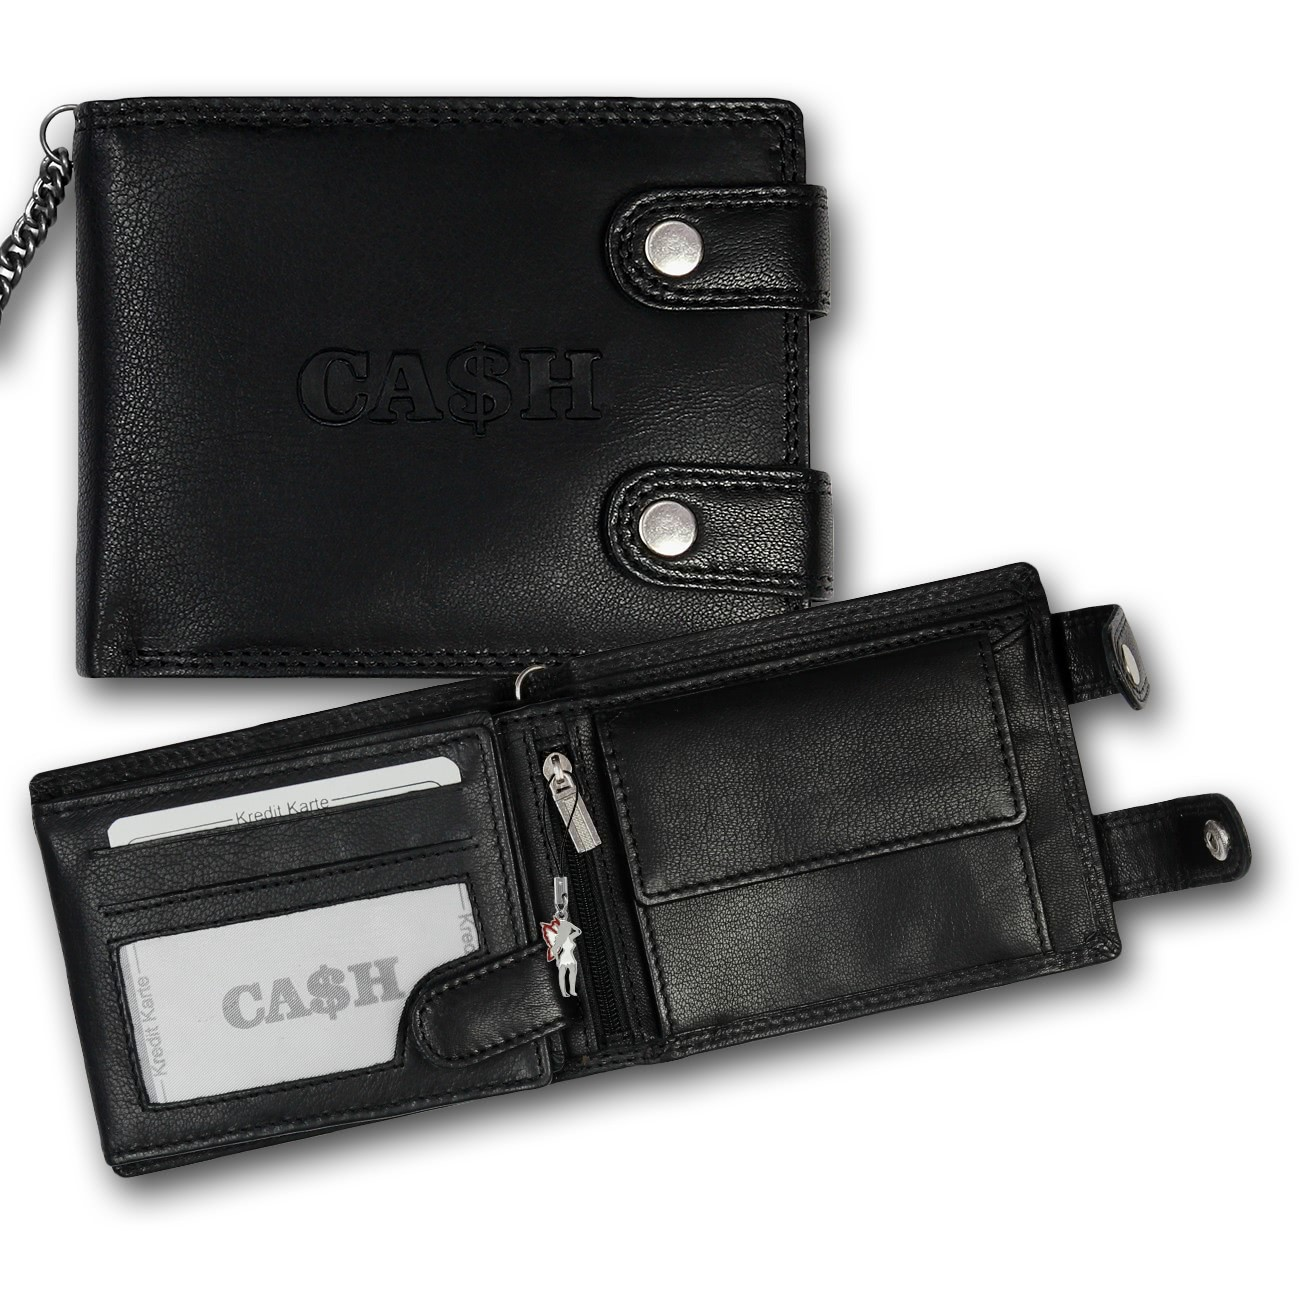 Portemonnaie quer Leder schwarz Herren Geldbörse Brieftasche Imppac OPJ124S